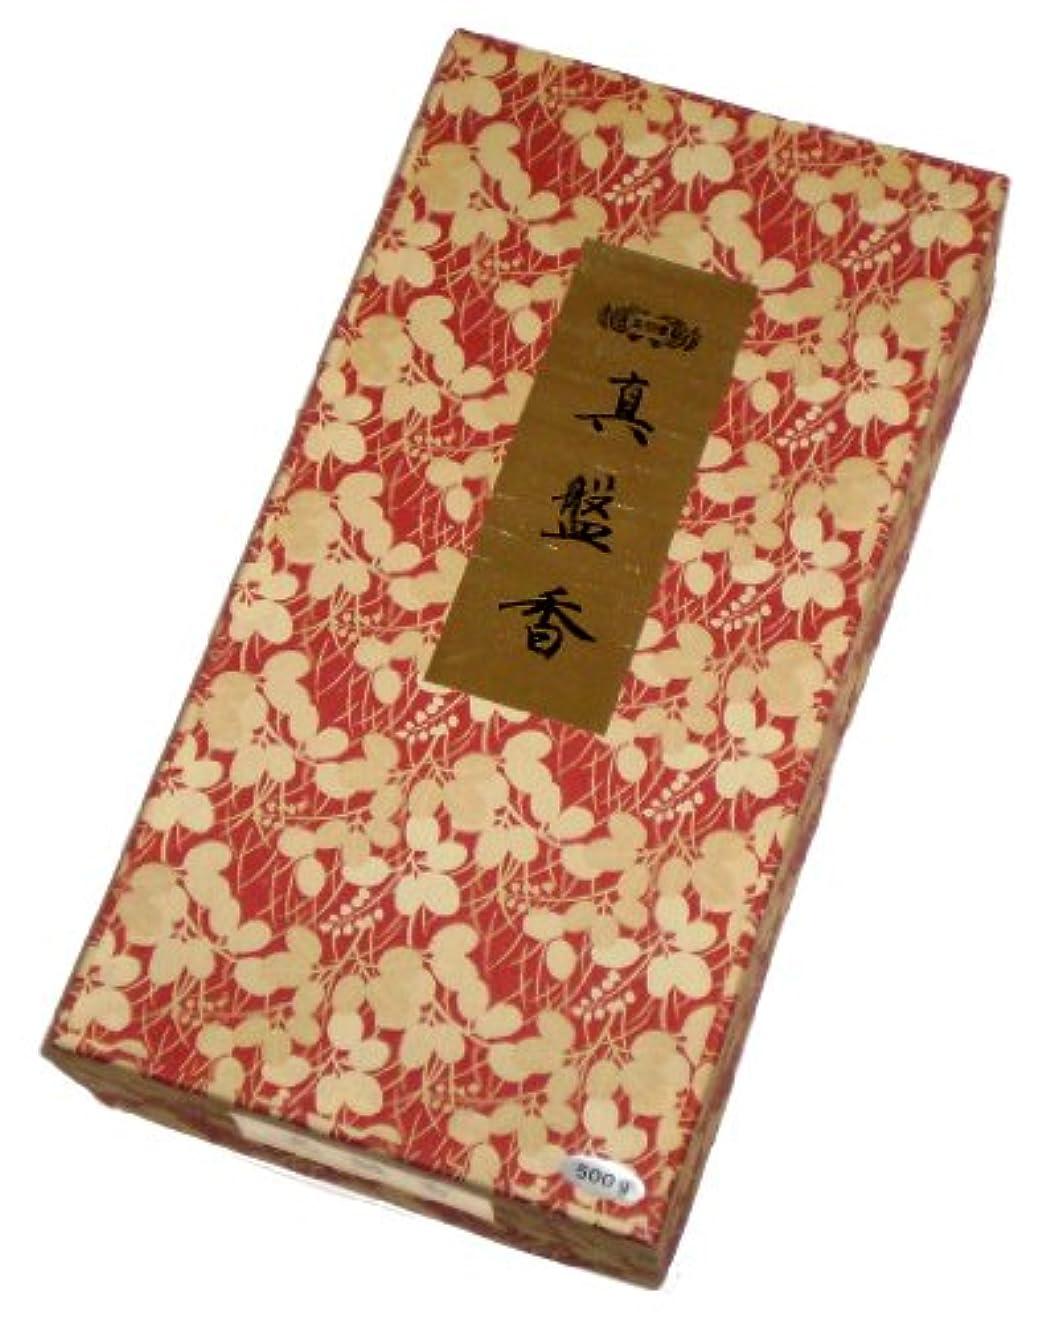 アジア人インド赤玉初堂のお香 真盤香 500g #611